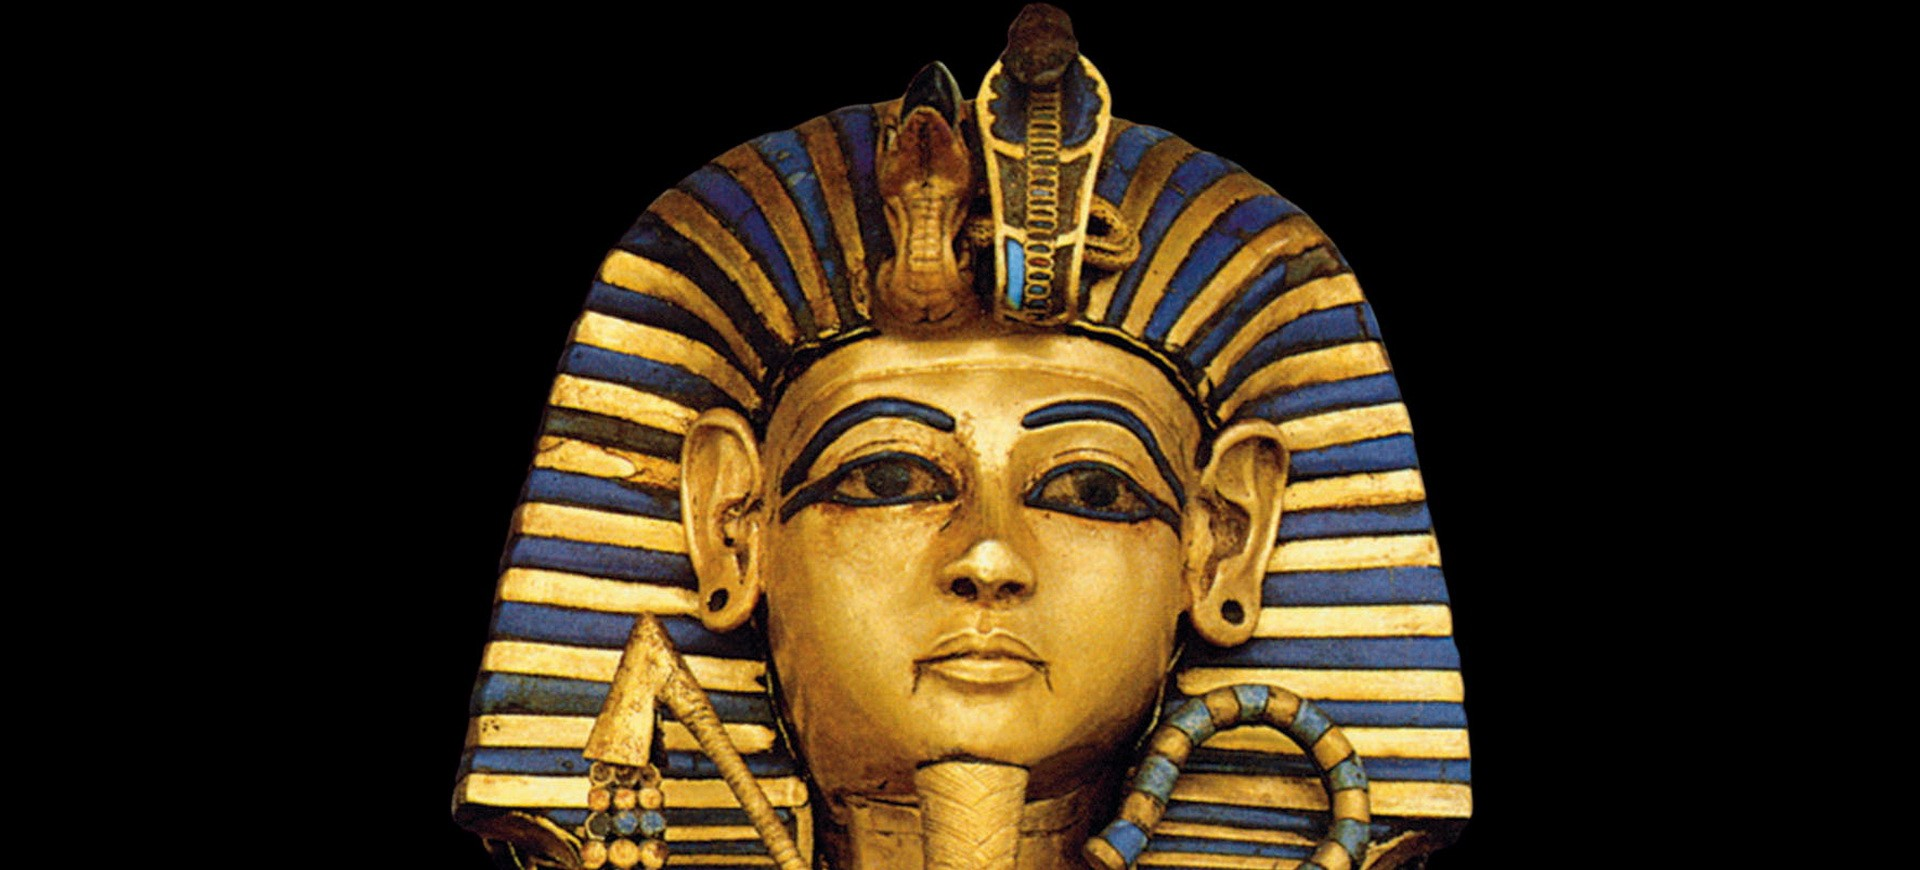 Statue Toutakamon dans le musée au Caire